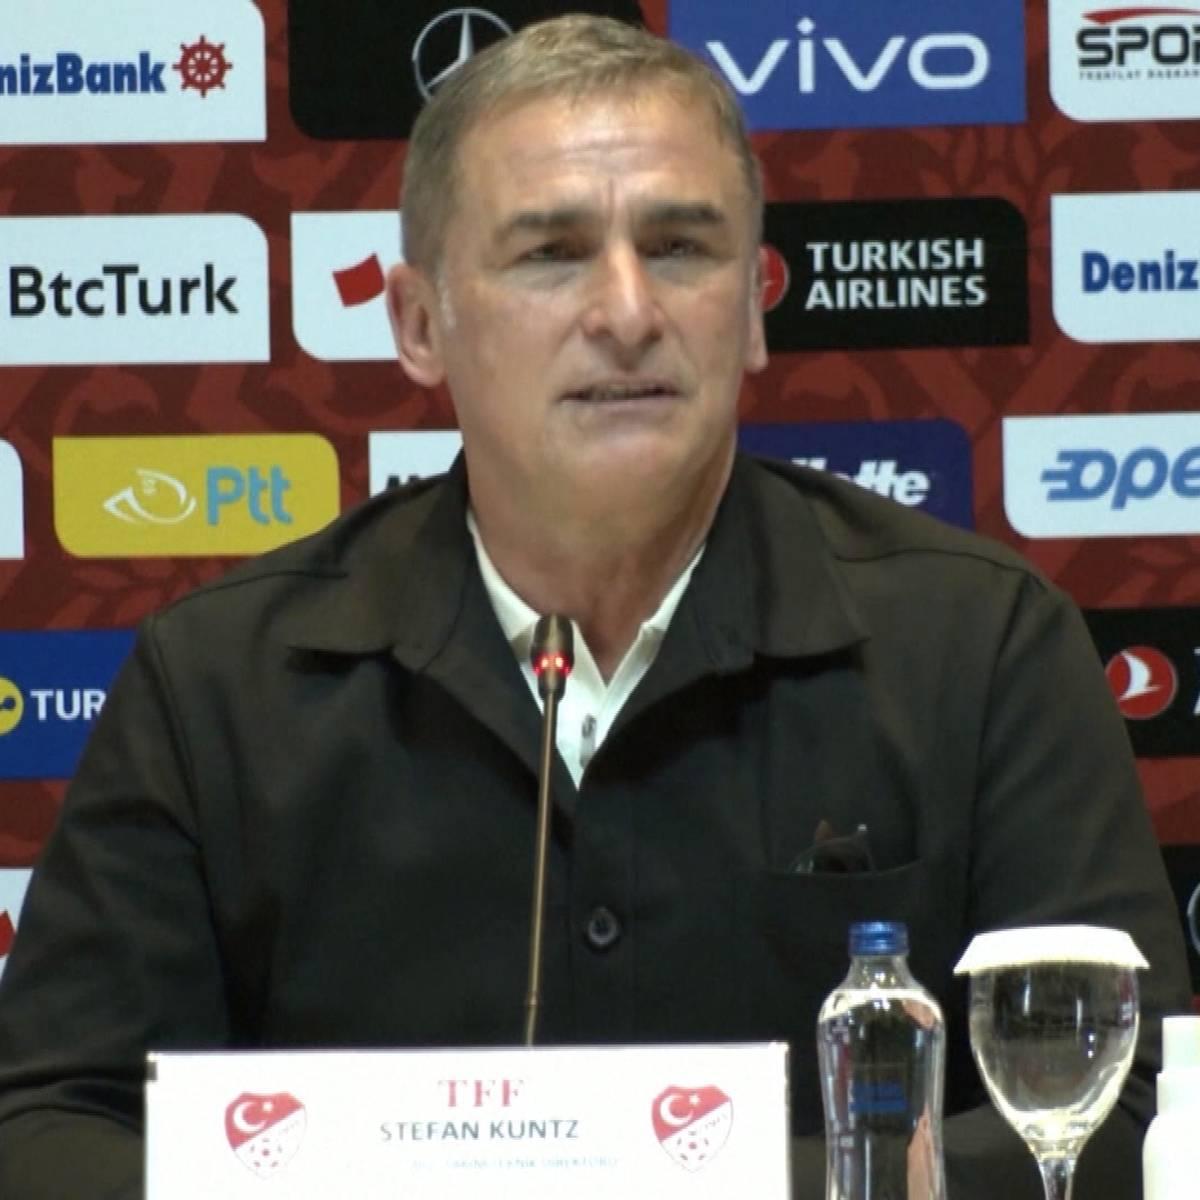 Kuntz als Türkei-Coach vorgestellt: Seine feurige Antrittsrede im Video